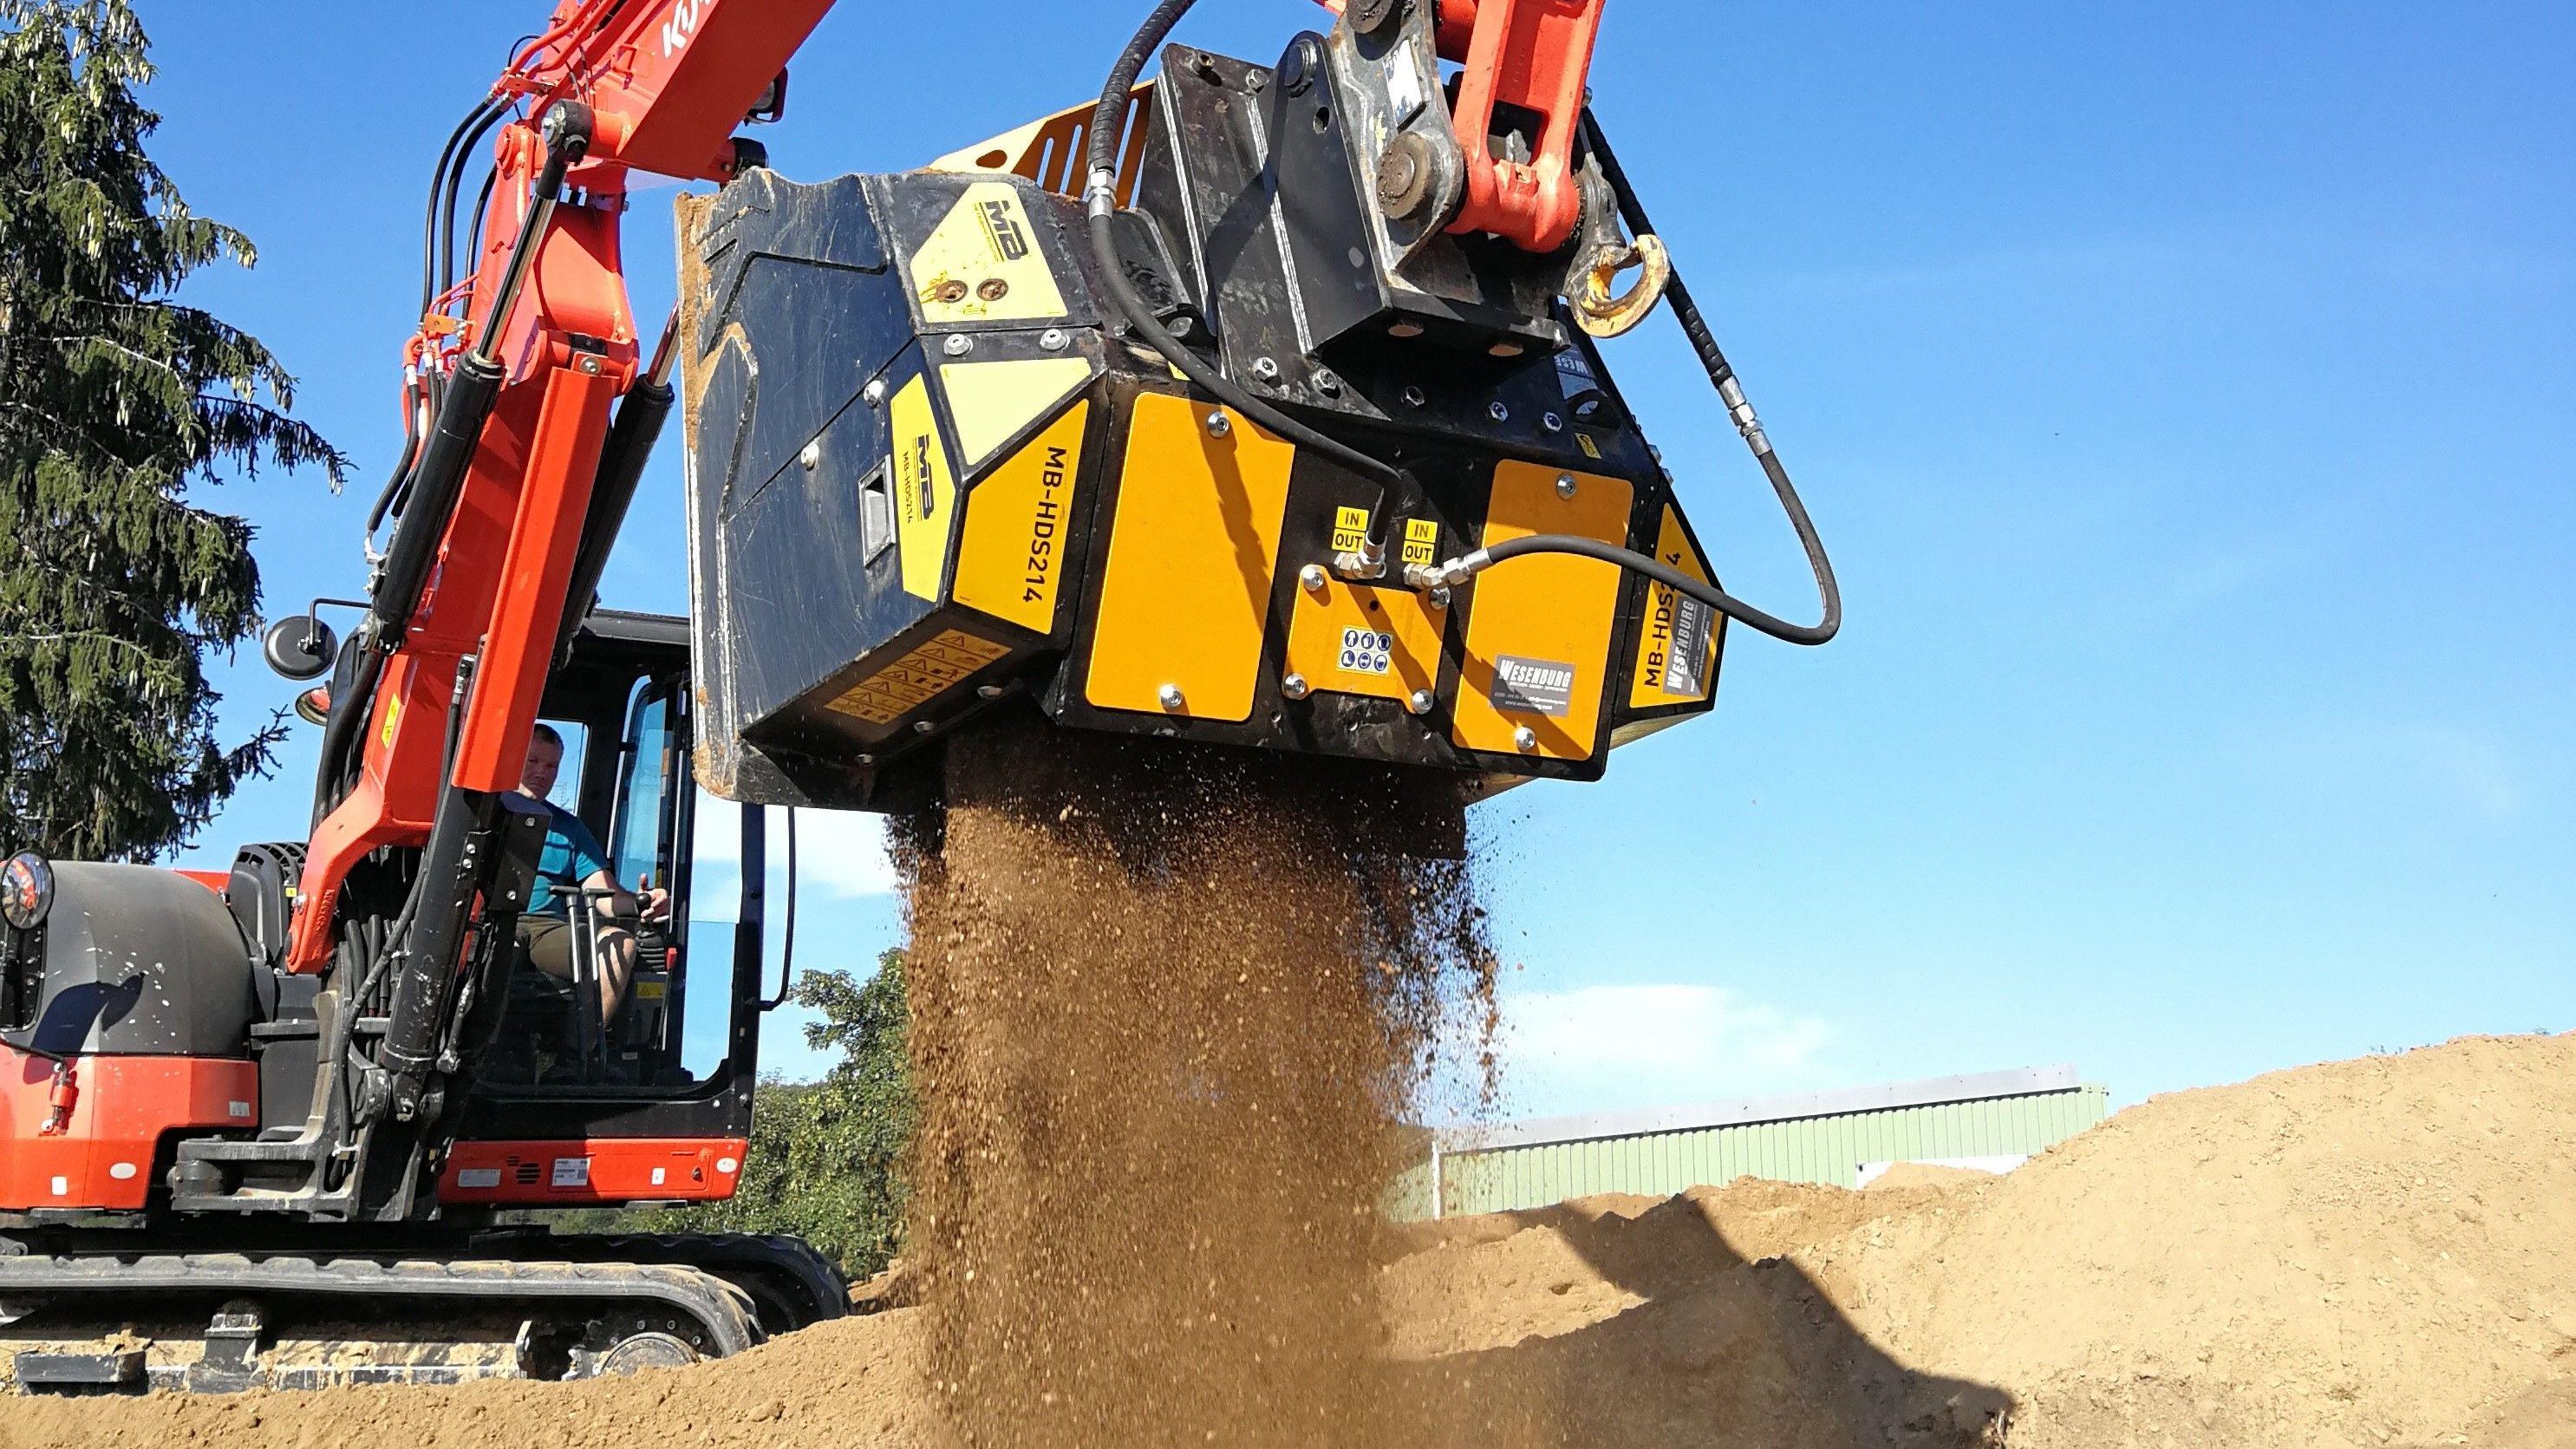 Der Schaufelseparator MB-HDS214 installiert auf einen Kubota KX080-4 siebt Boden mit RE8-Siebwellen mit Hexagonscheiben ab, um dann einen Mutterboden von hoher Qualität zu erhalten, der zur Pflege von Grünflächen eingesetzt wird.